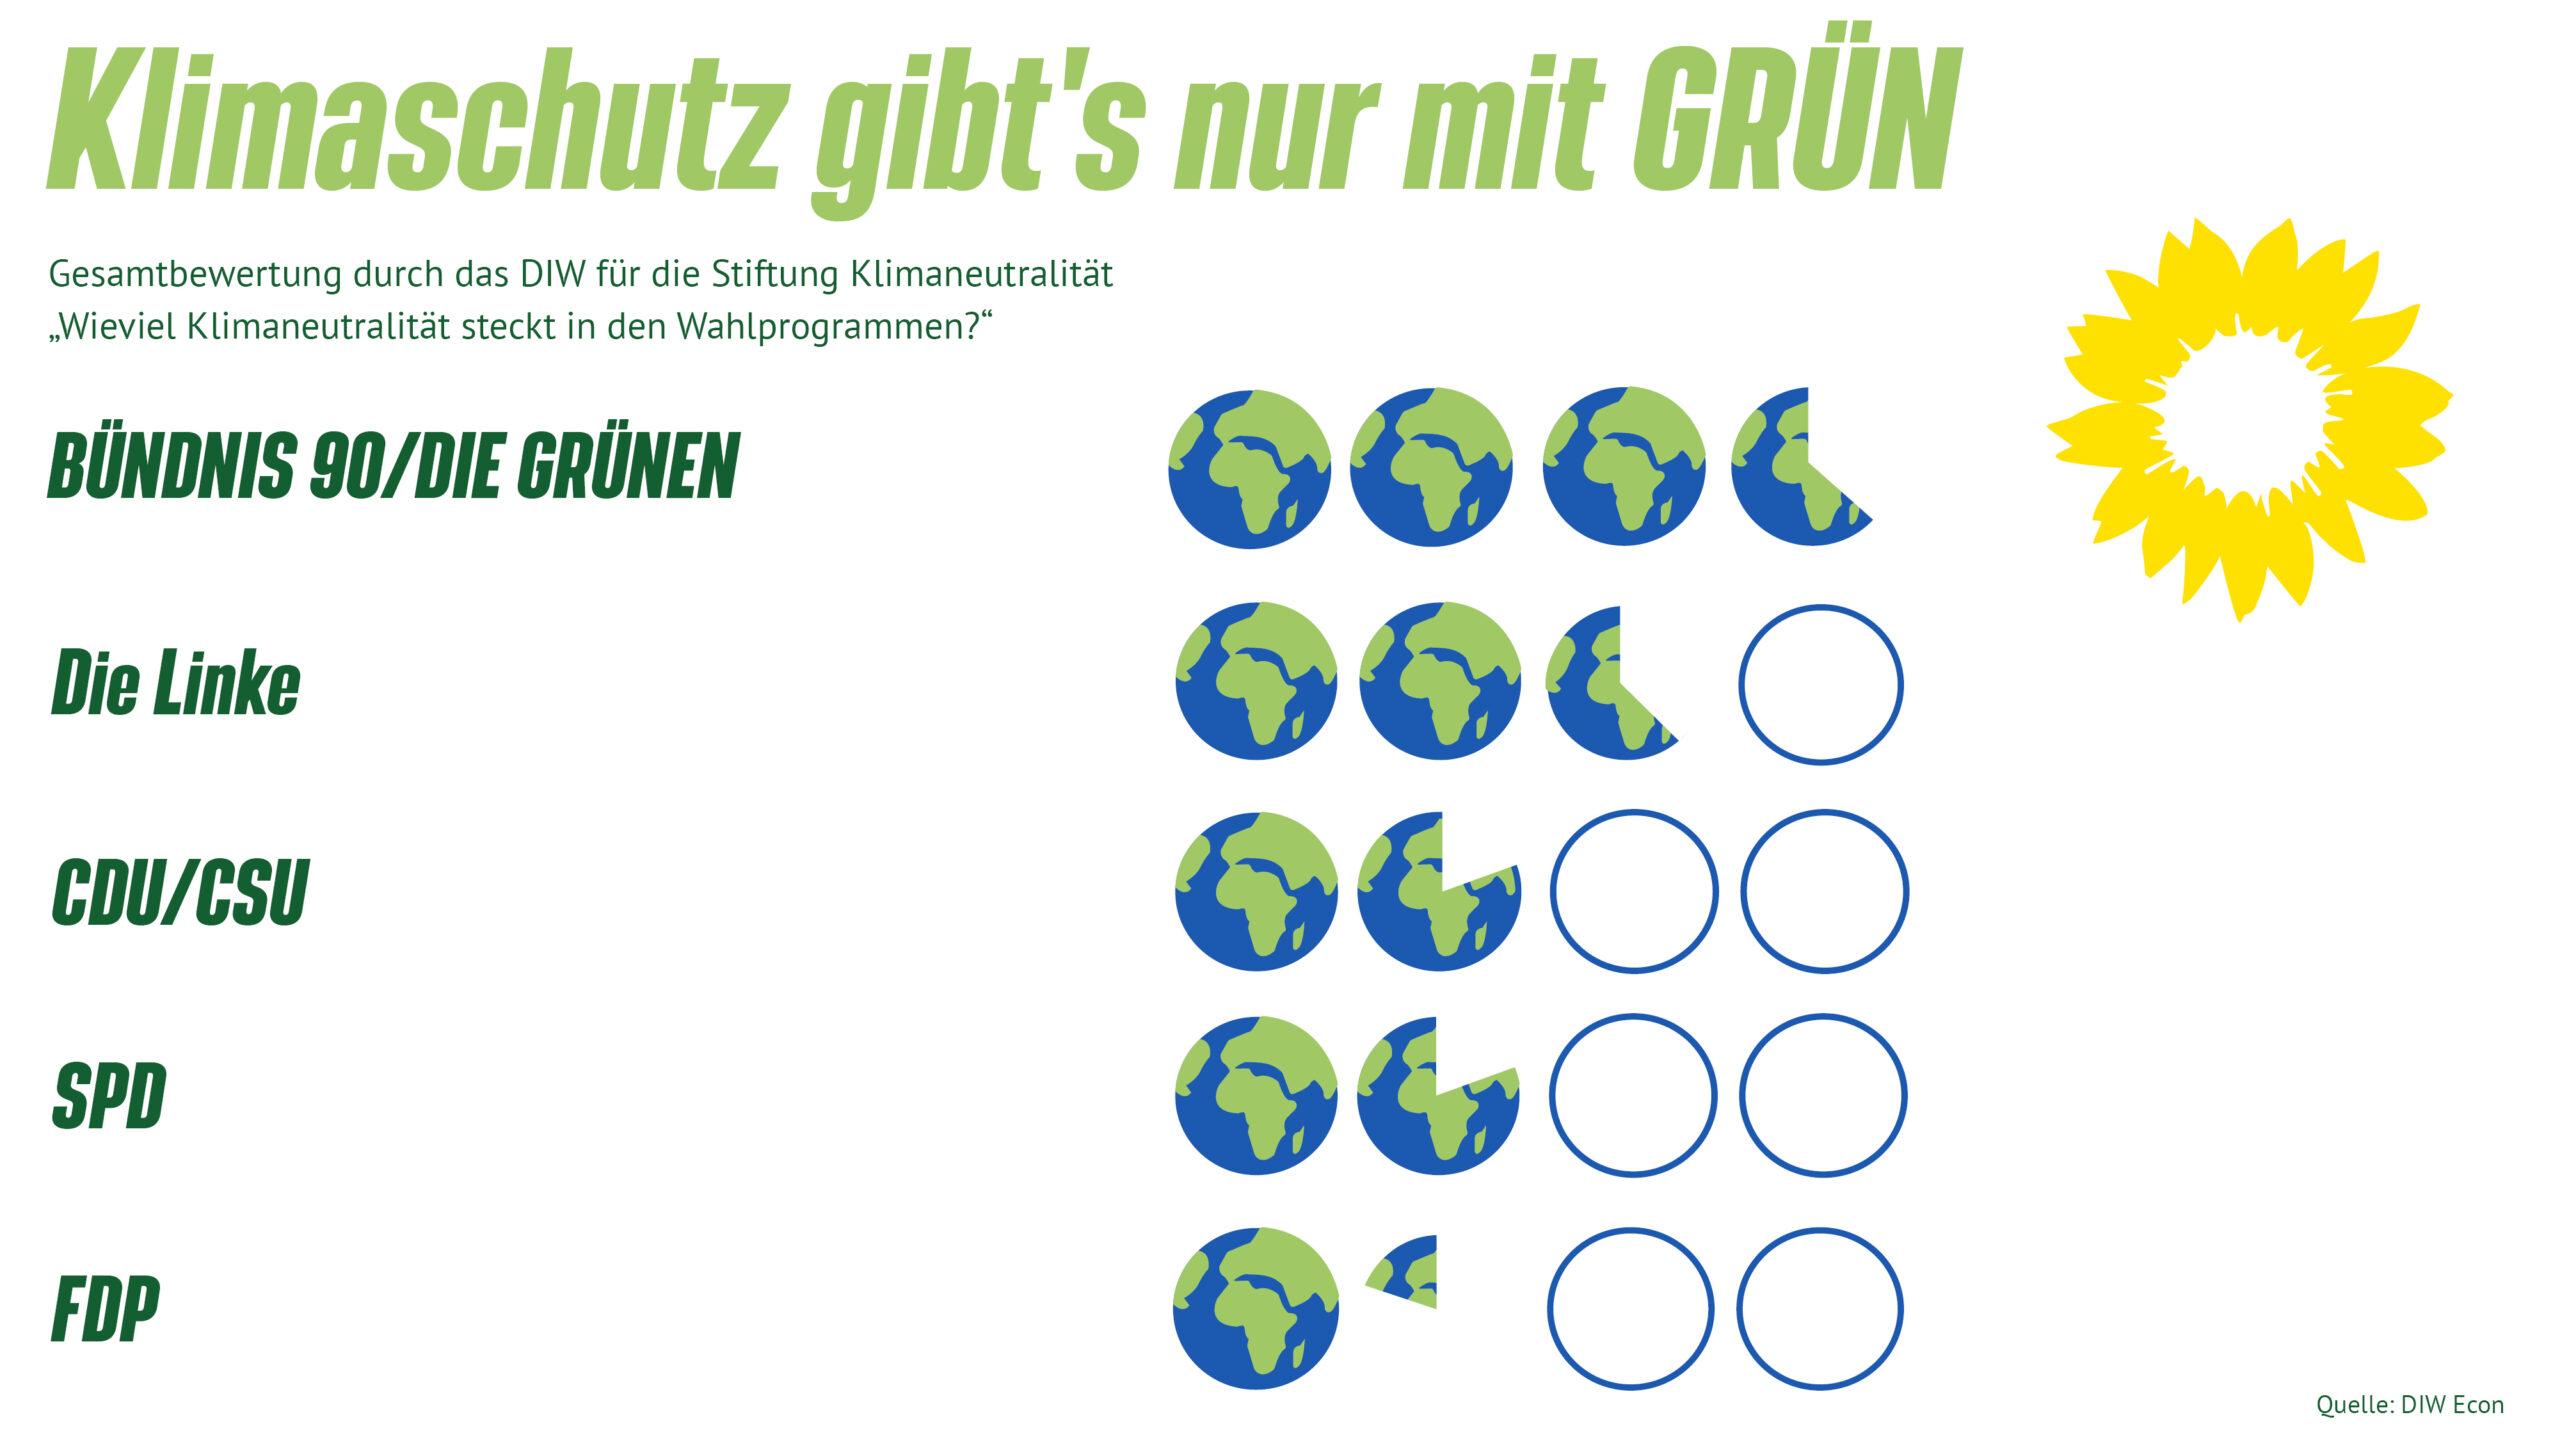 Klimaschutz gibts nur mit den Grünen